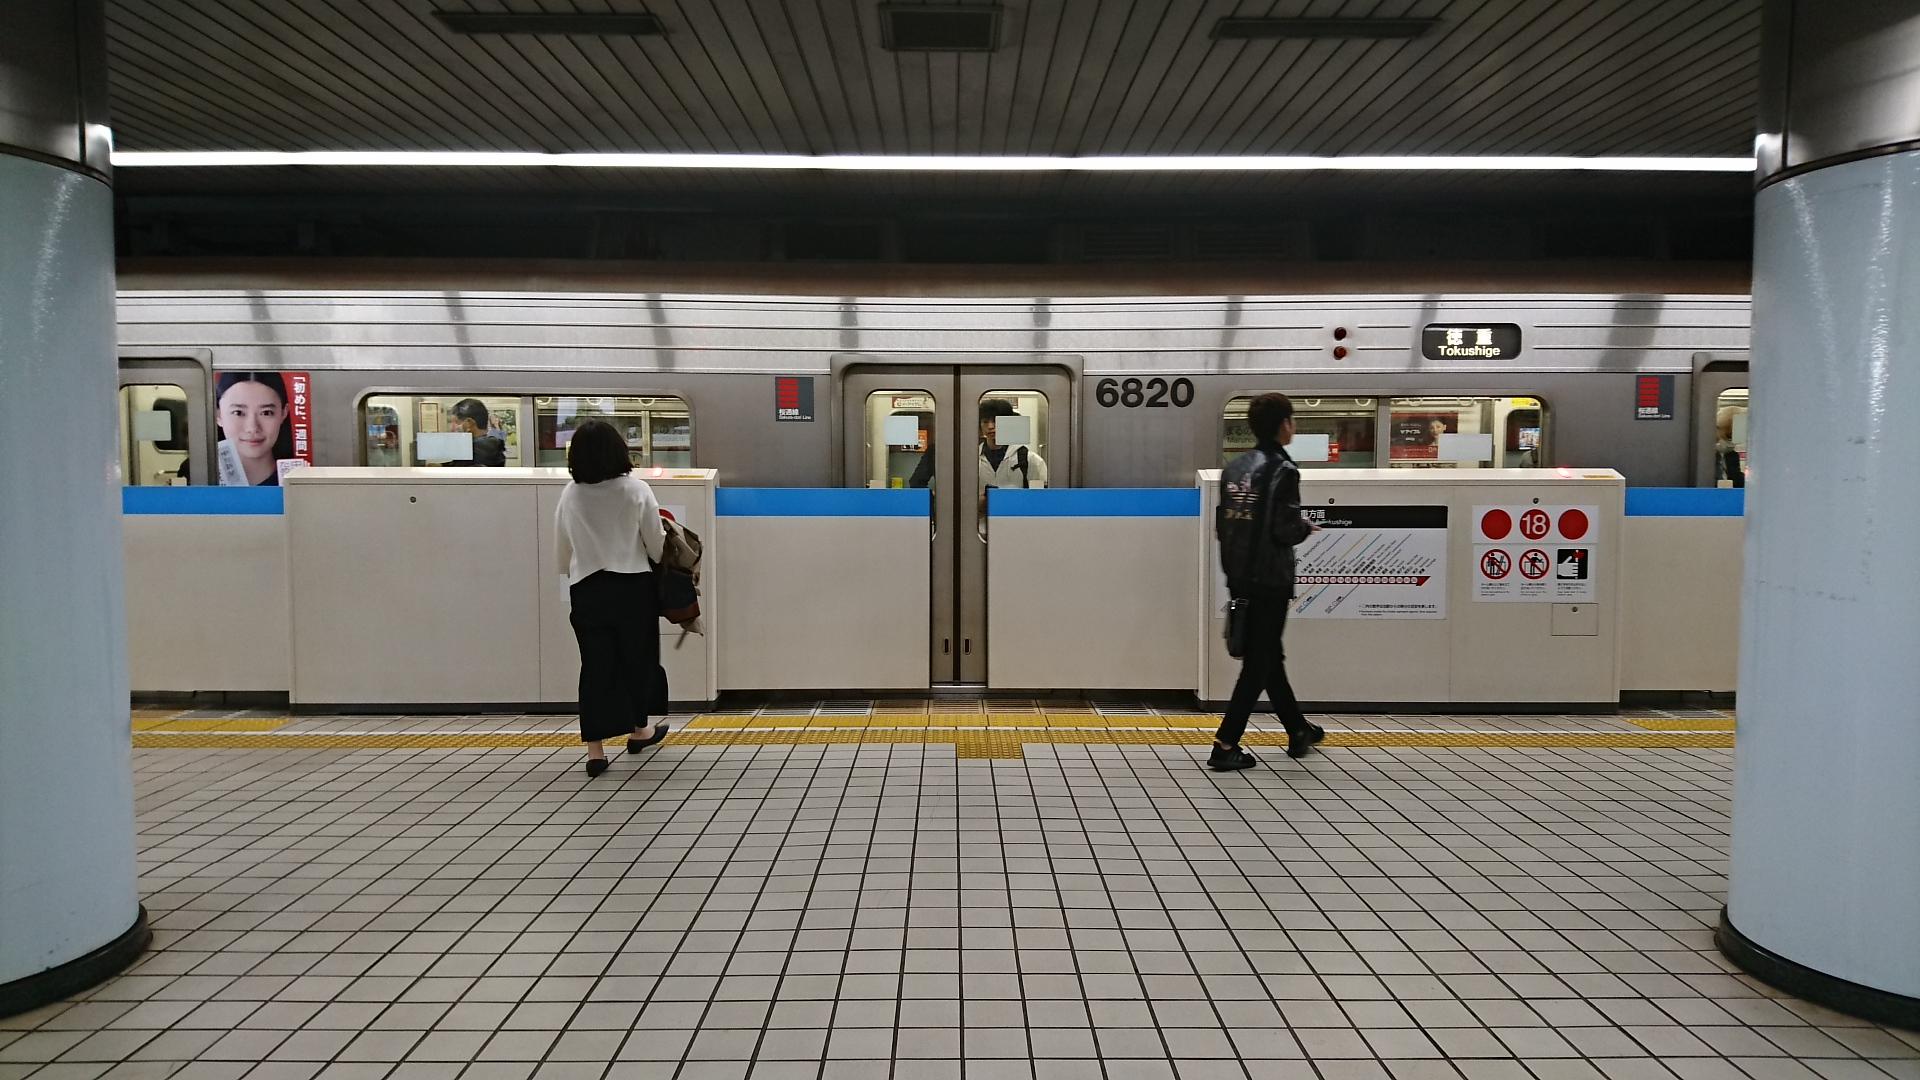 2018.4.11 名古屋 (25) 丸の内 - 徳重いき 1920-1080